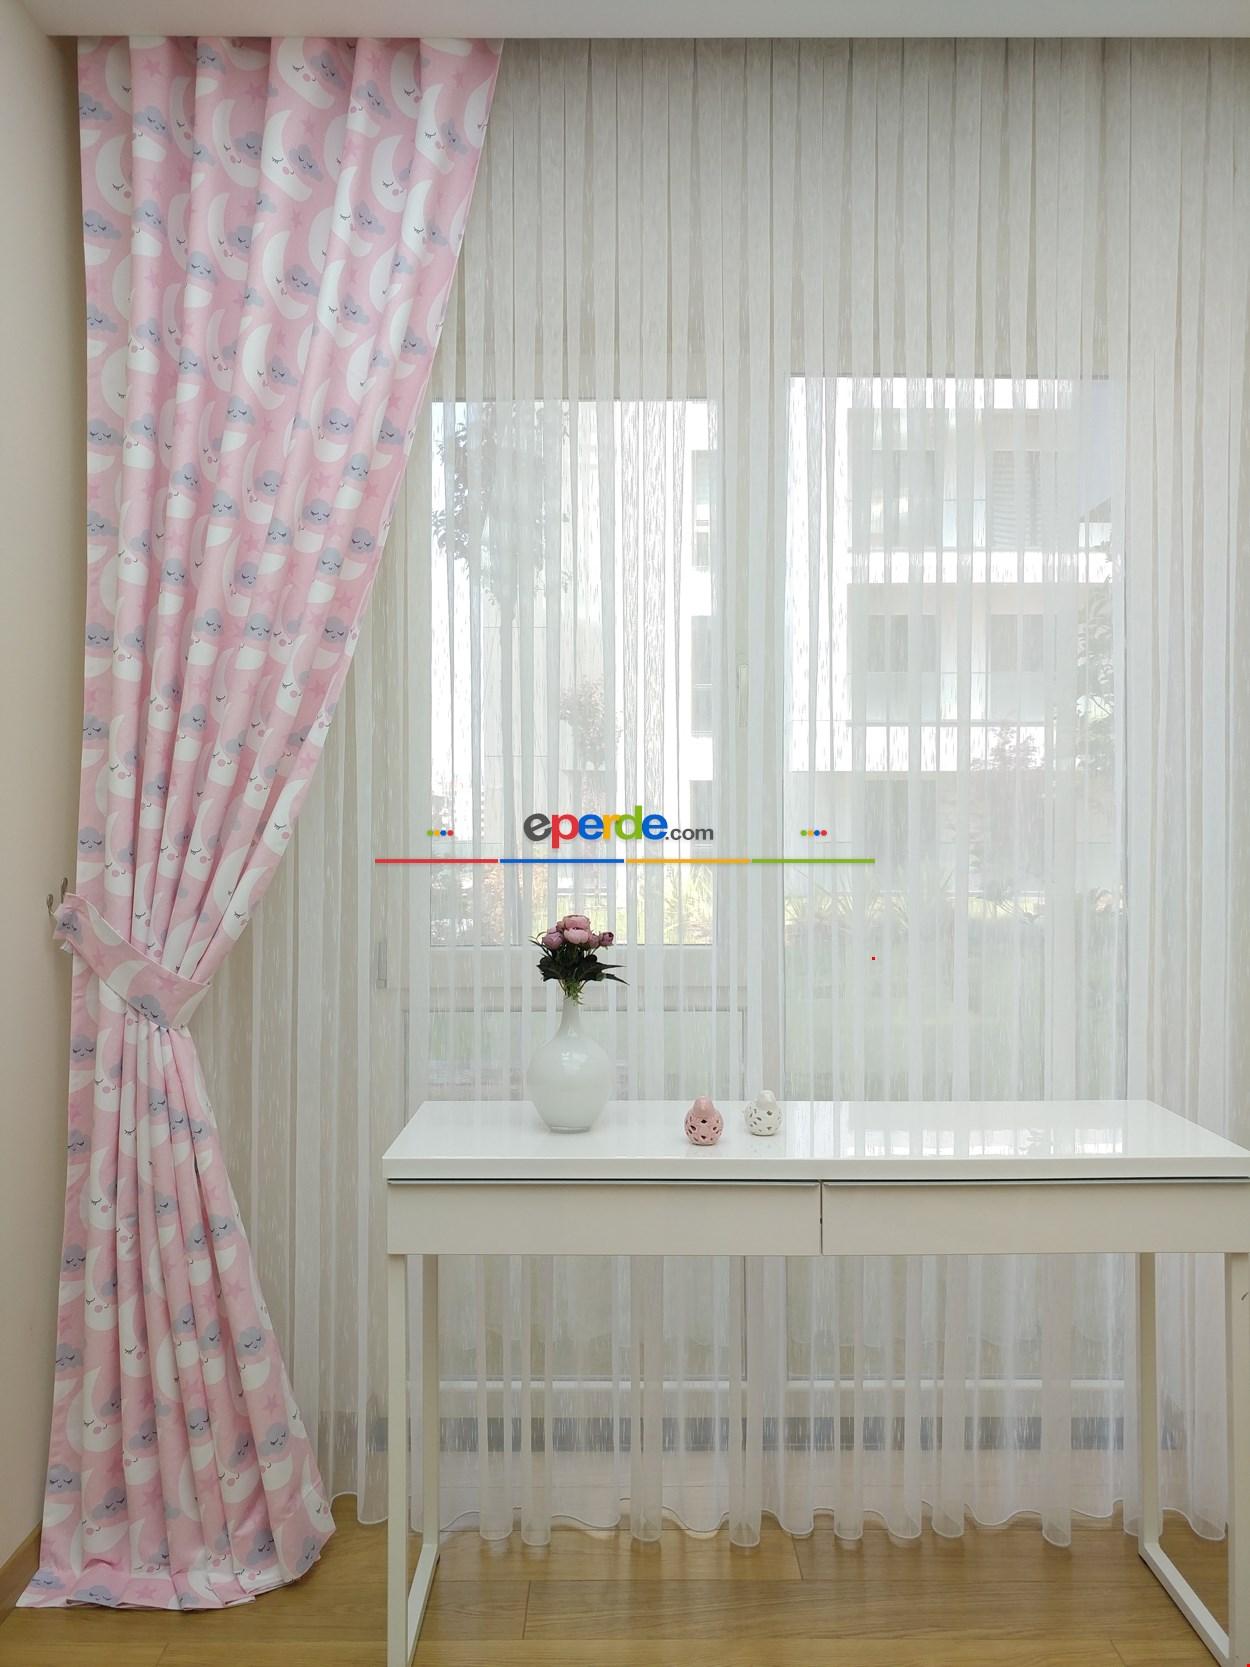 Aydede Desenli Kız Bebek Ve Çocuk Odası Fon Perde Modelleri